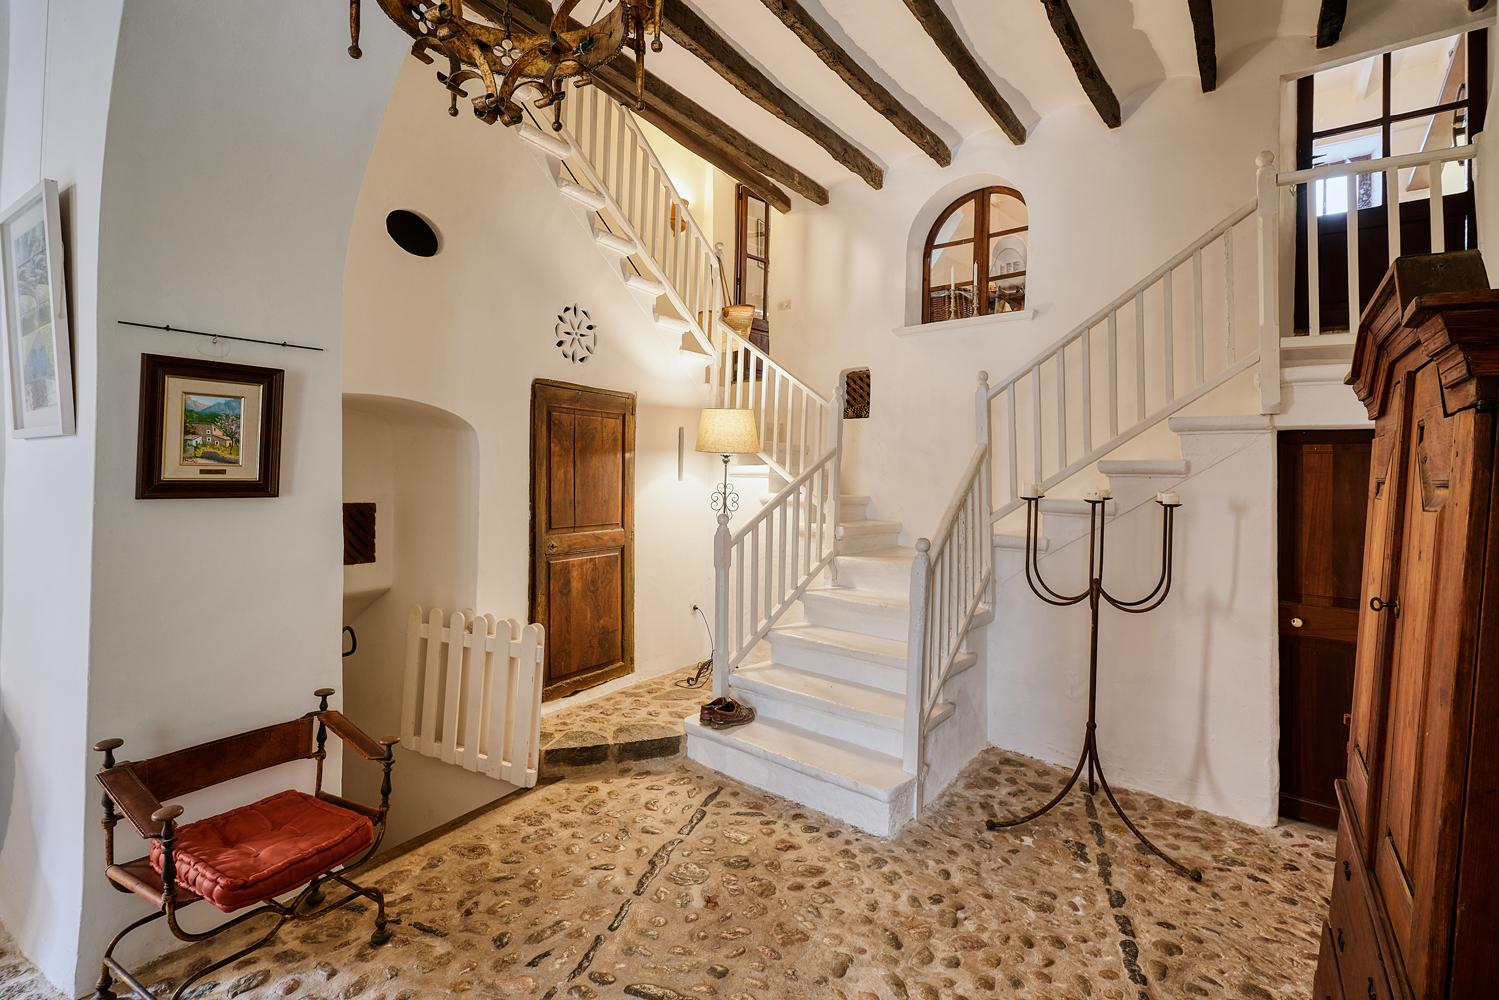 Images de la propriété immobilière de Unique et avec beaucoup d'histoire...